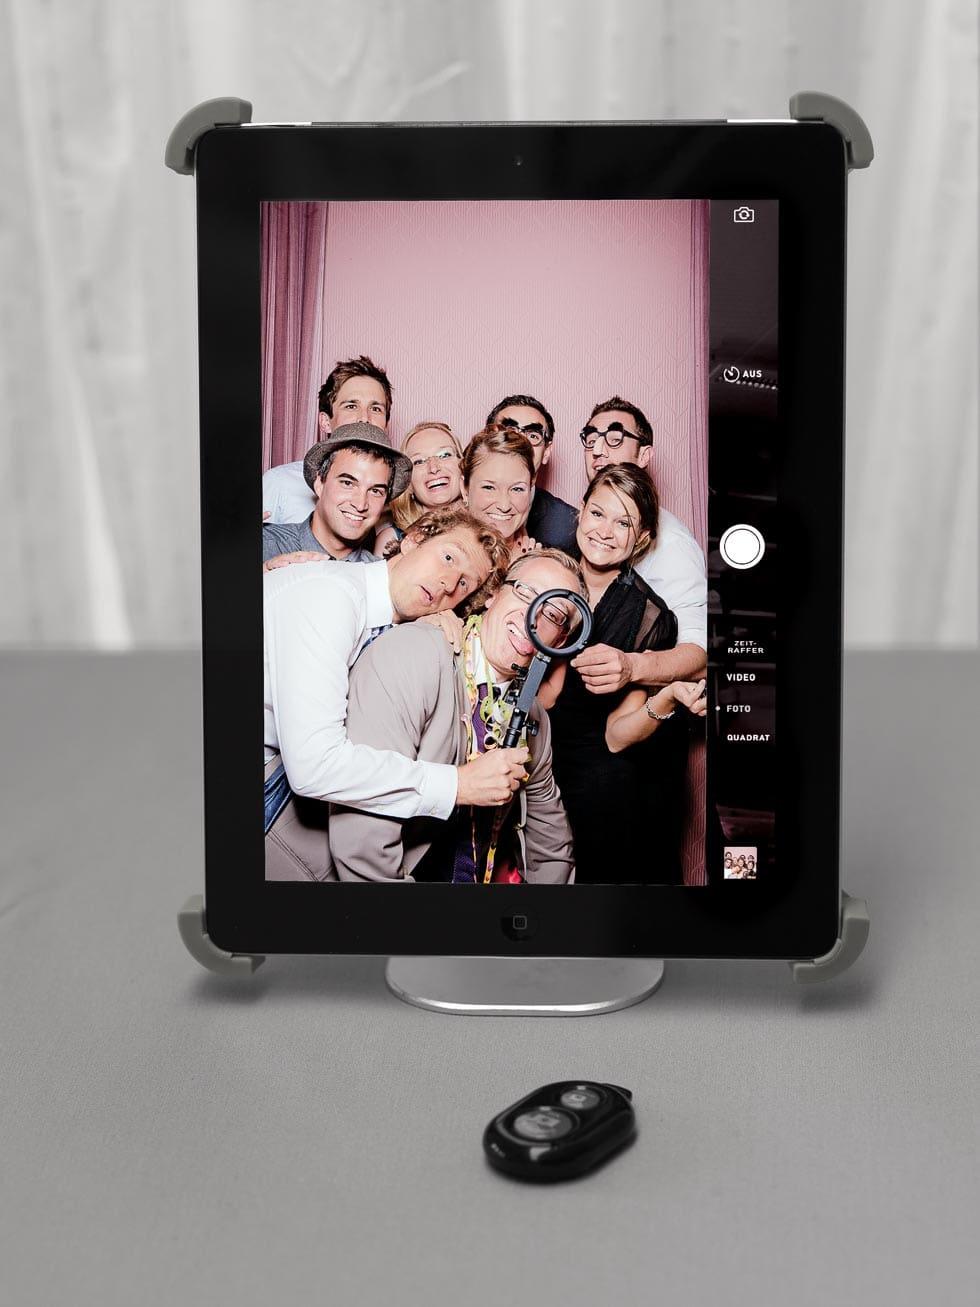 Photobooth hochzeit diy so gehts ganz einfach hochzeit planen ipad photobooth einfacher geht es nicht photobooth hochzeit diy solutioingenieria Choice Image